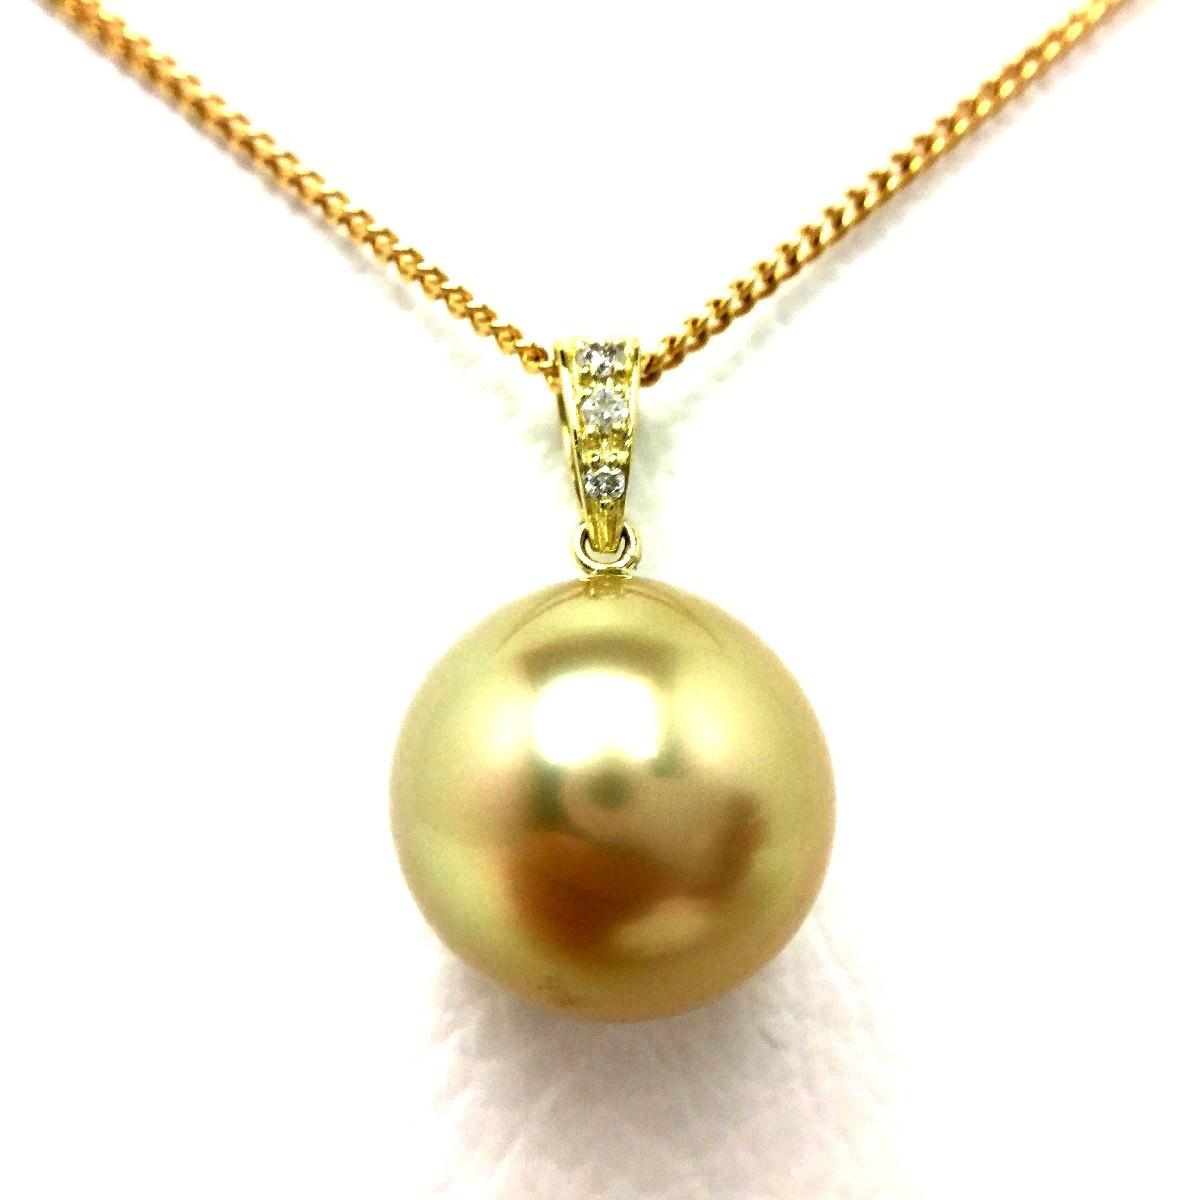 真珠 ペンダントトップ パール 白蝶真珠 12.45mm ゴールド(ナチュラル) K18 イエローゴールド ダイヤモンド 0.03ct 66829 イソワパール